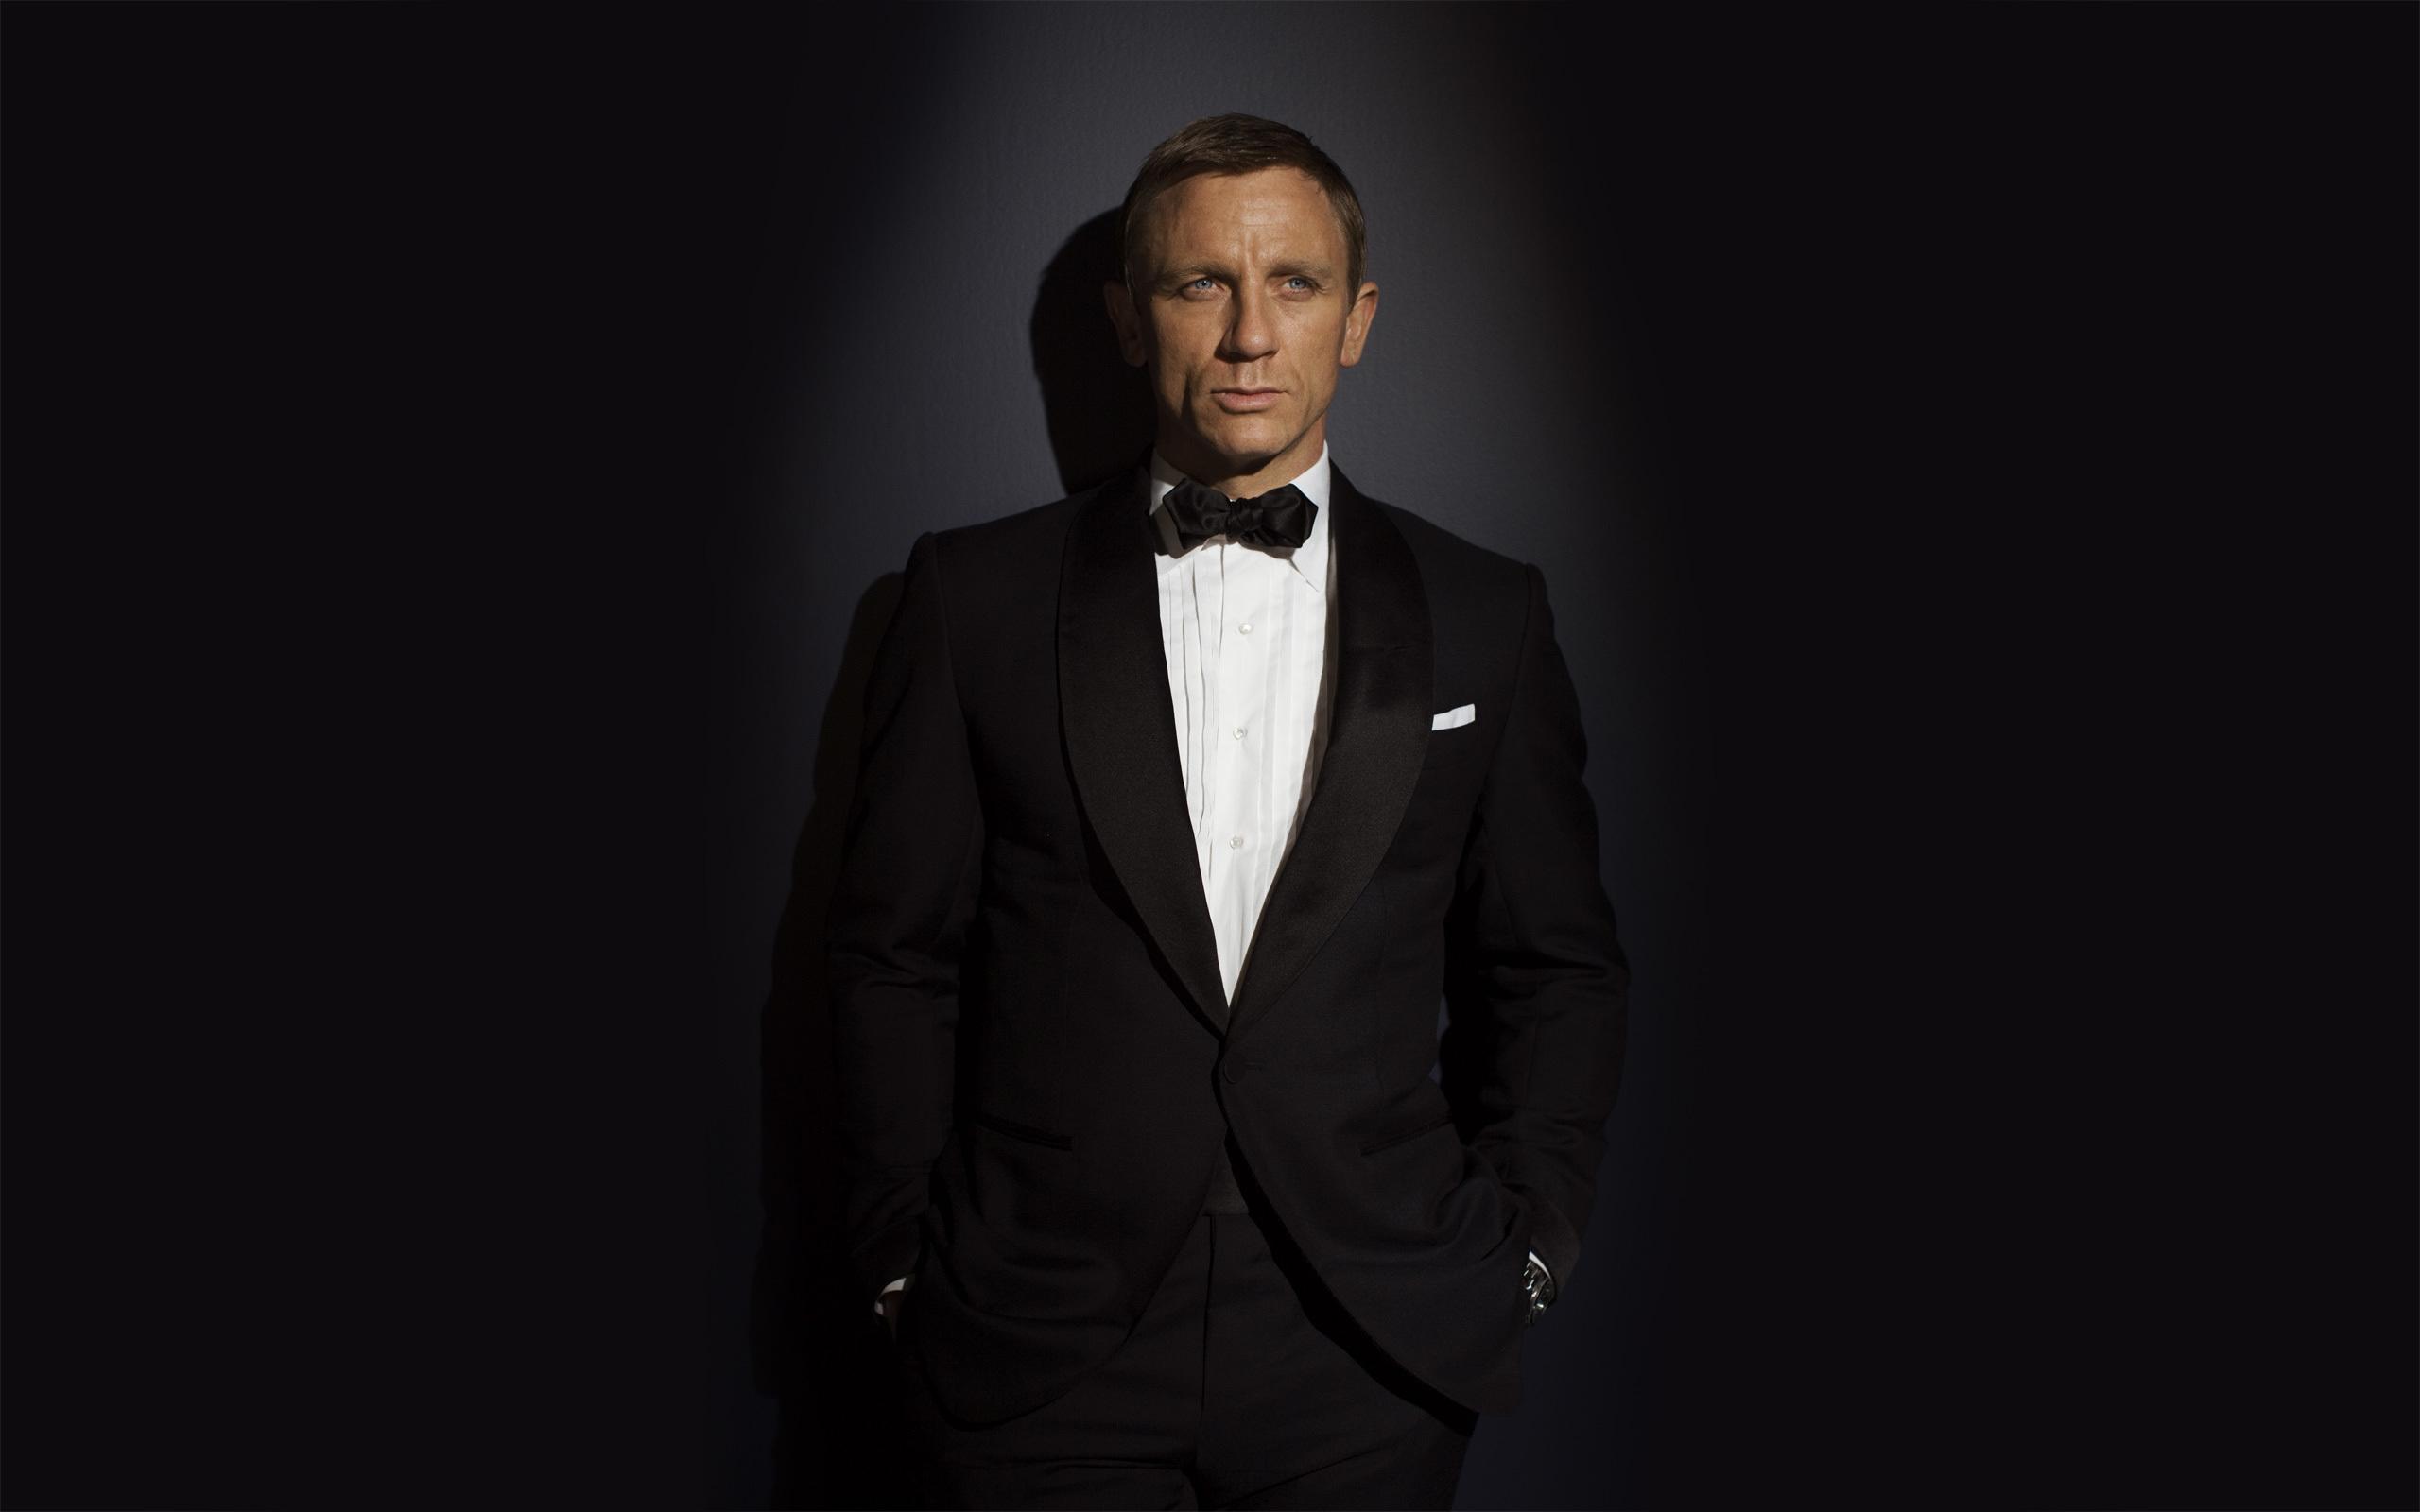 Daniel Craig Hd Desktop